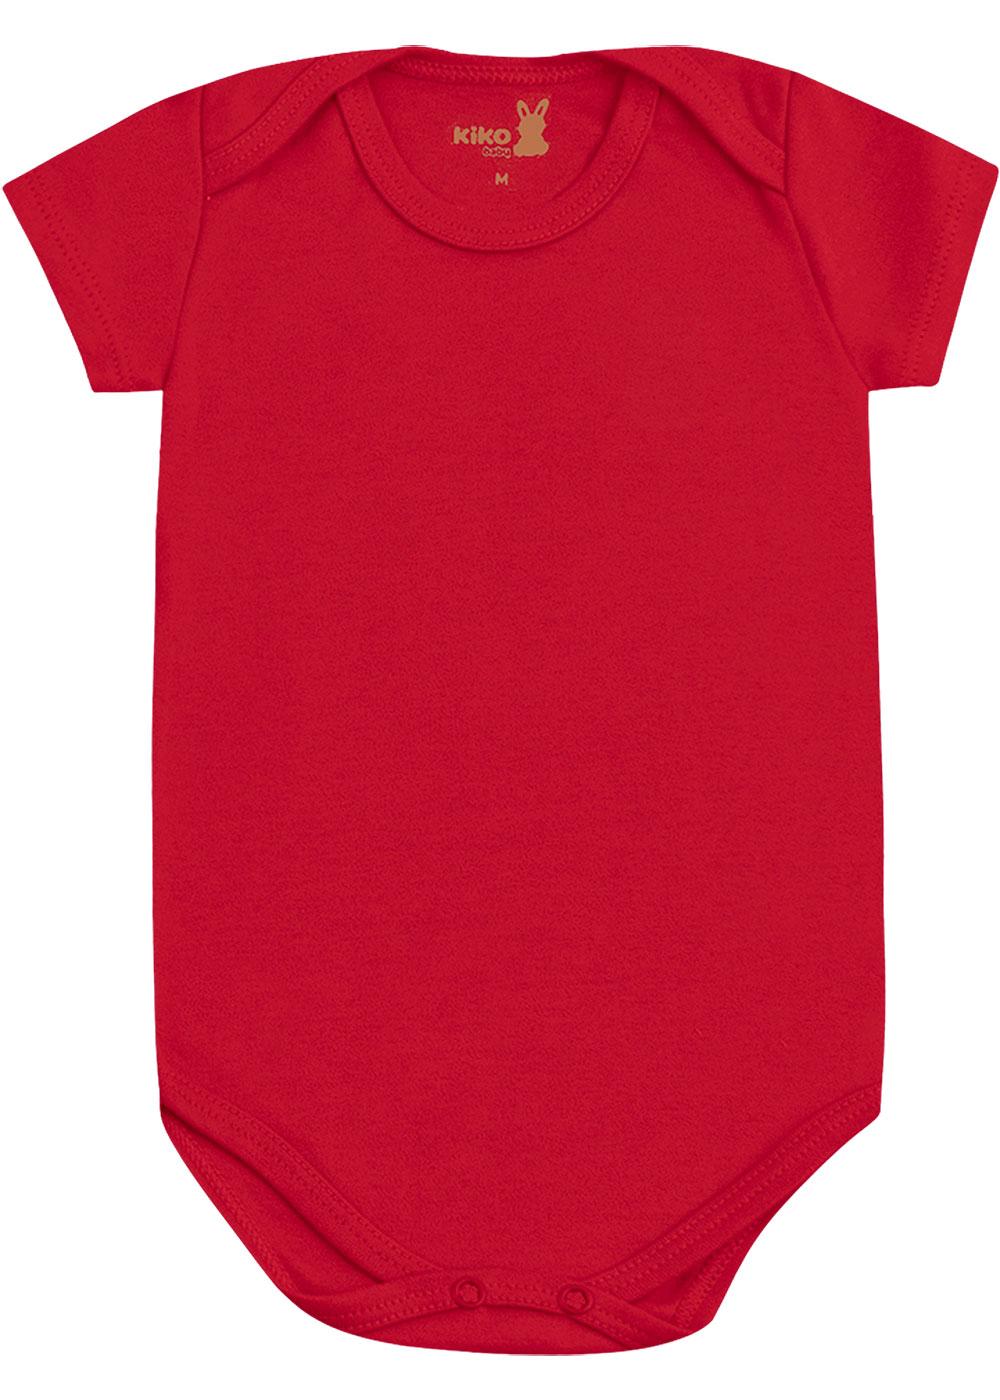 Body Infantil Unissex Verão Kit 3 Vermelho Lisos - Kiko e Kika